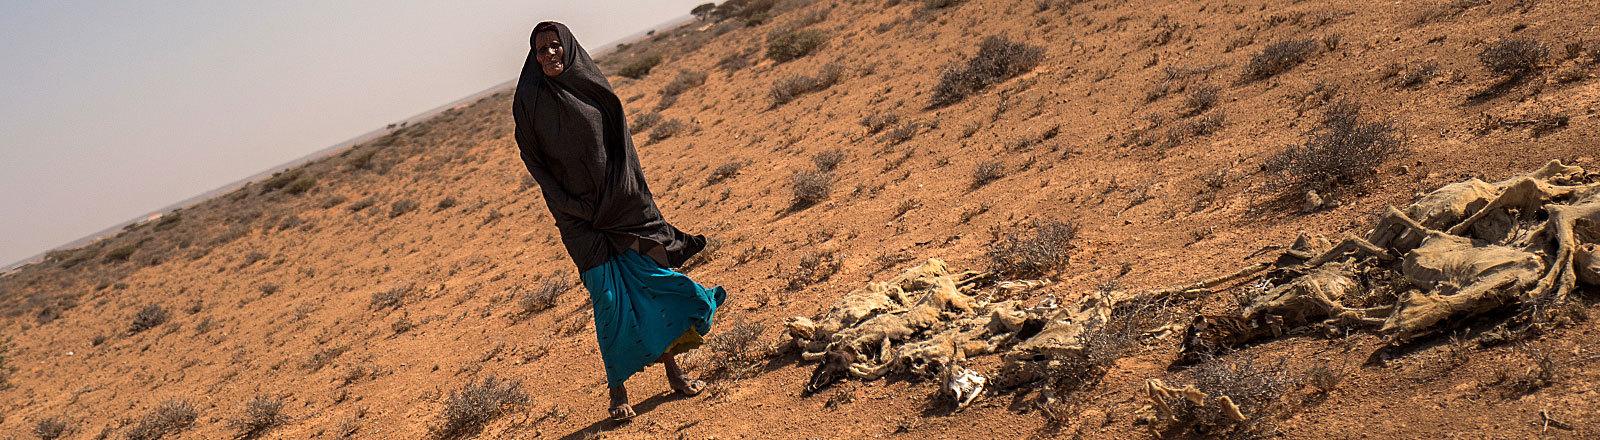 Saida Mousseh Mohammed Hassan und ihre toten Ziegen nahe dem Ort Uusgure im Nordosten Somalias